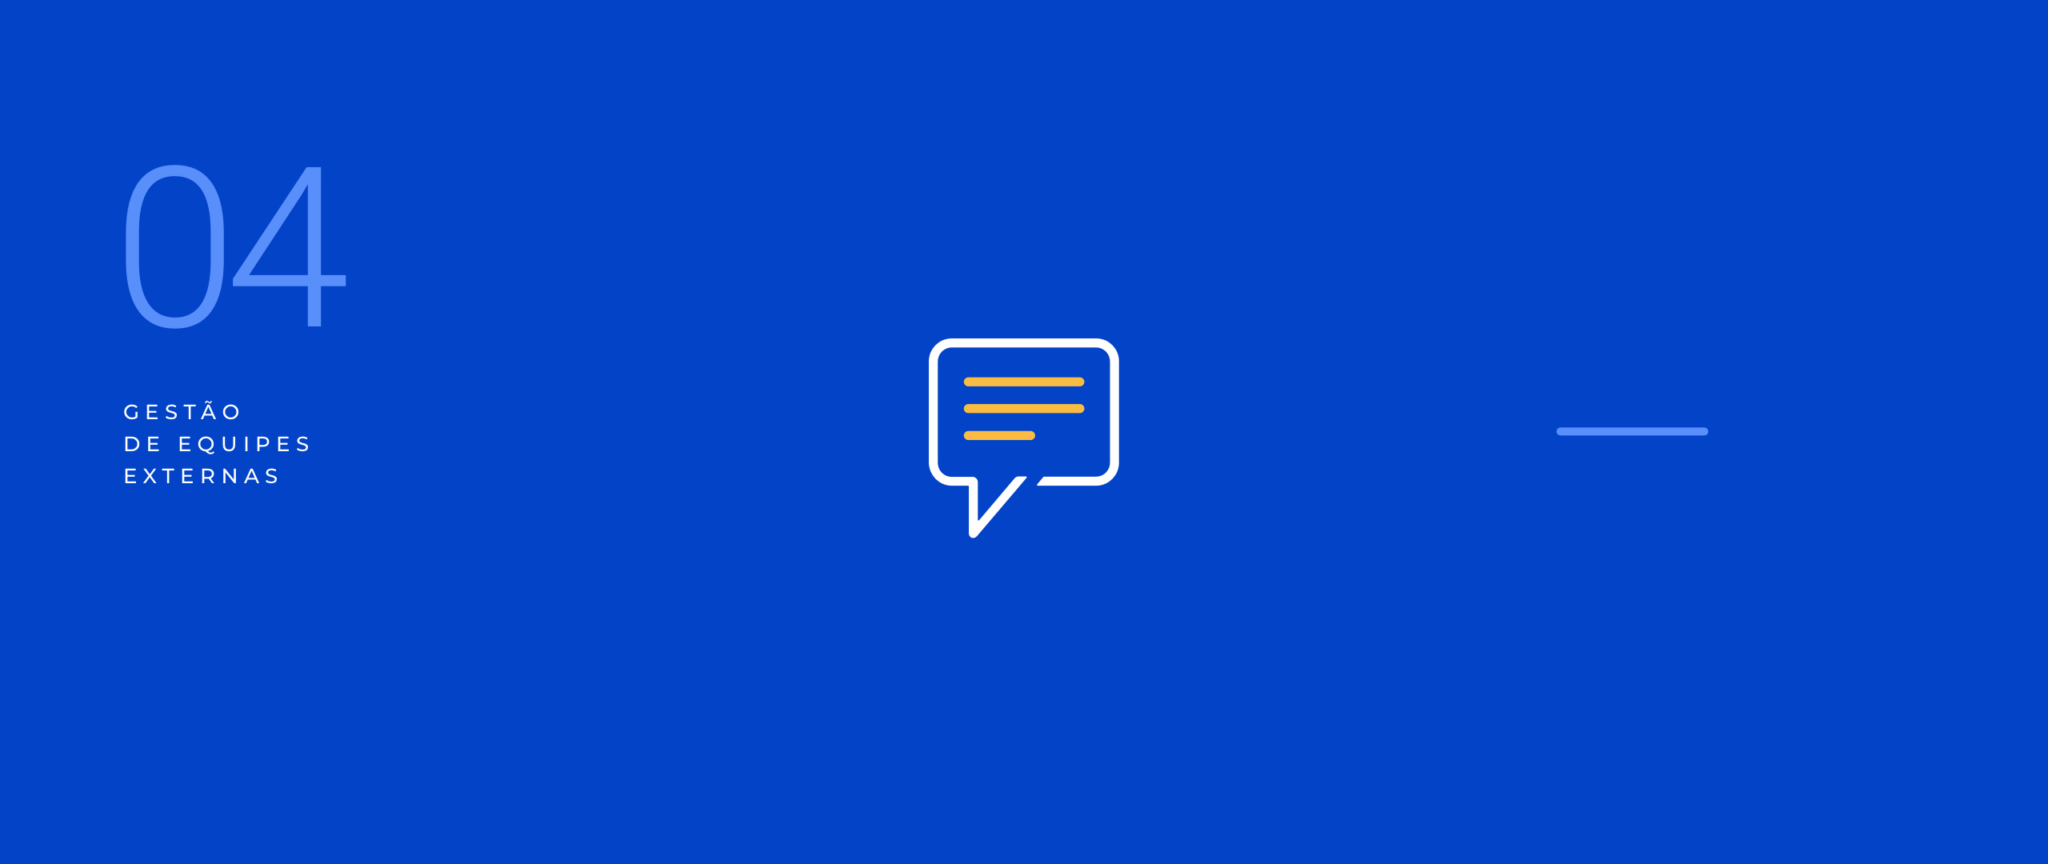 Gestão de equipes externas: Comunicação no ambiente de trabalho